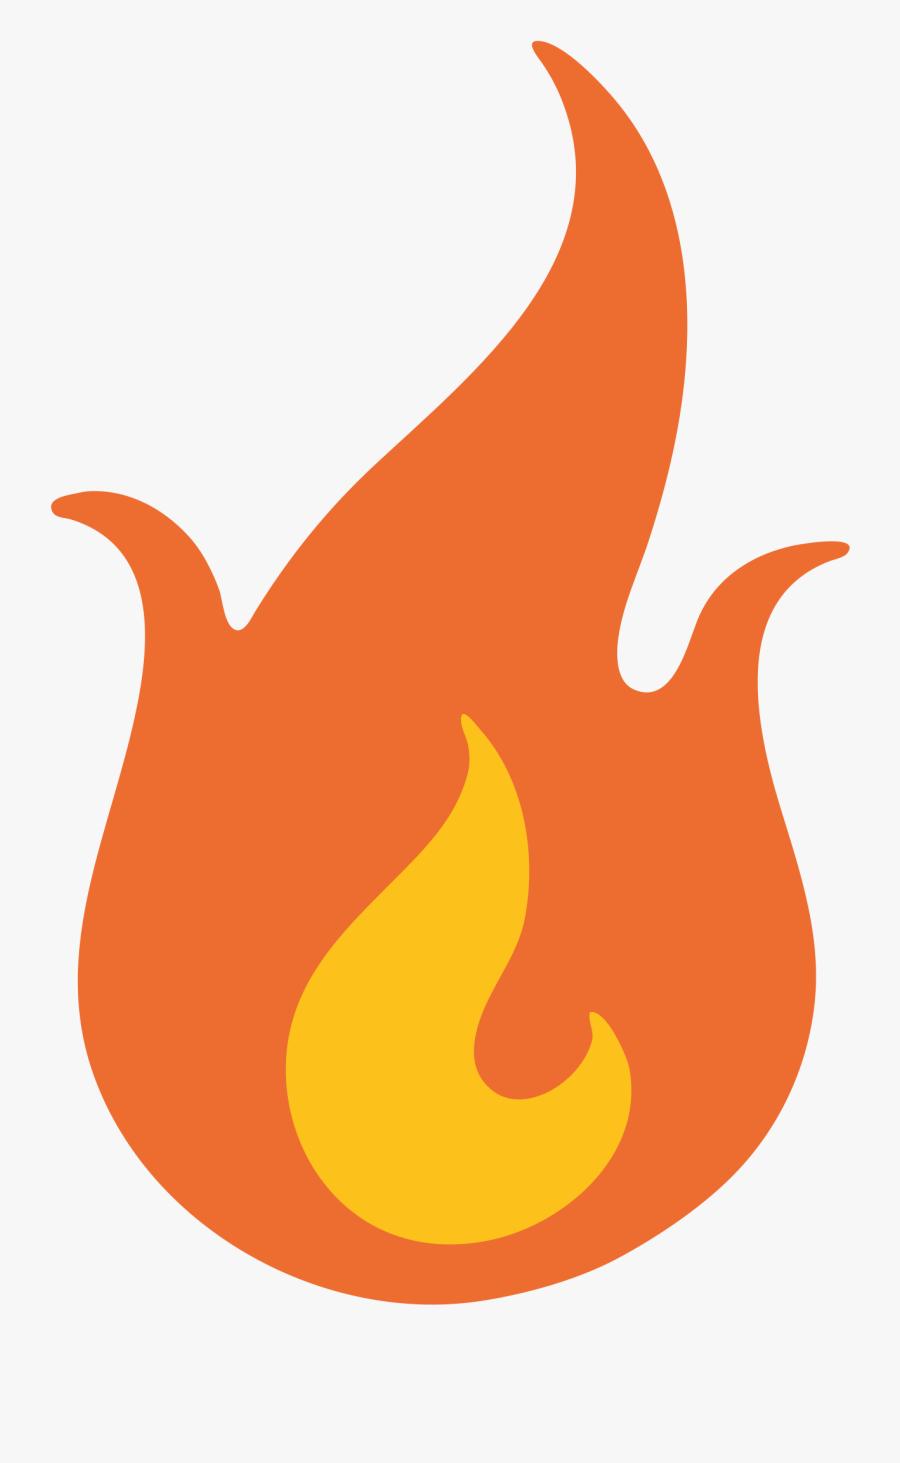 Flame Clipart Emoji - Fire Emoji Transparent, Transparent Clipart